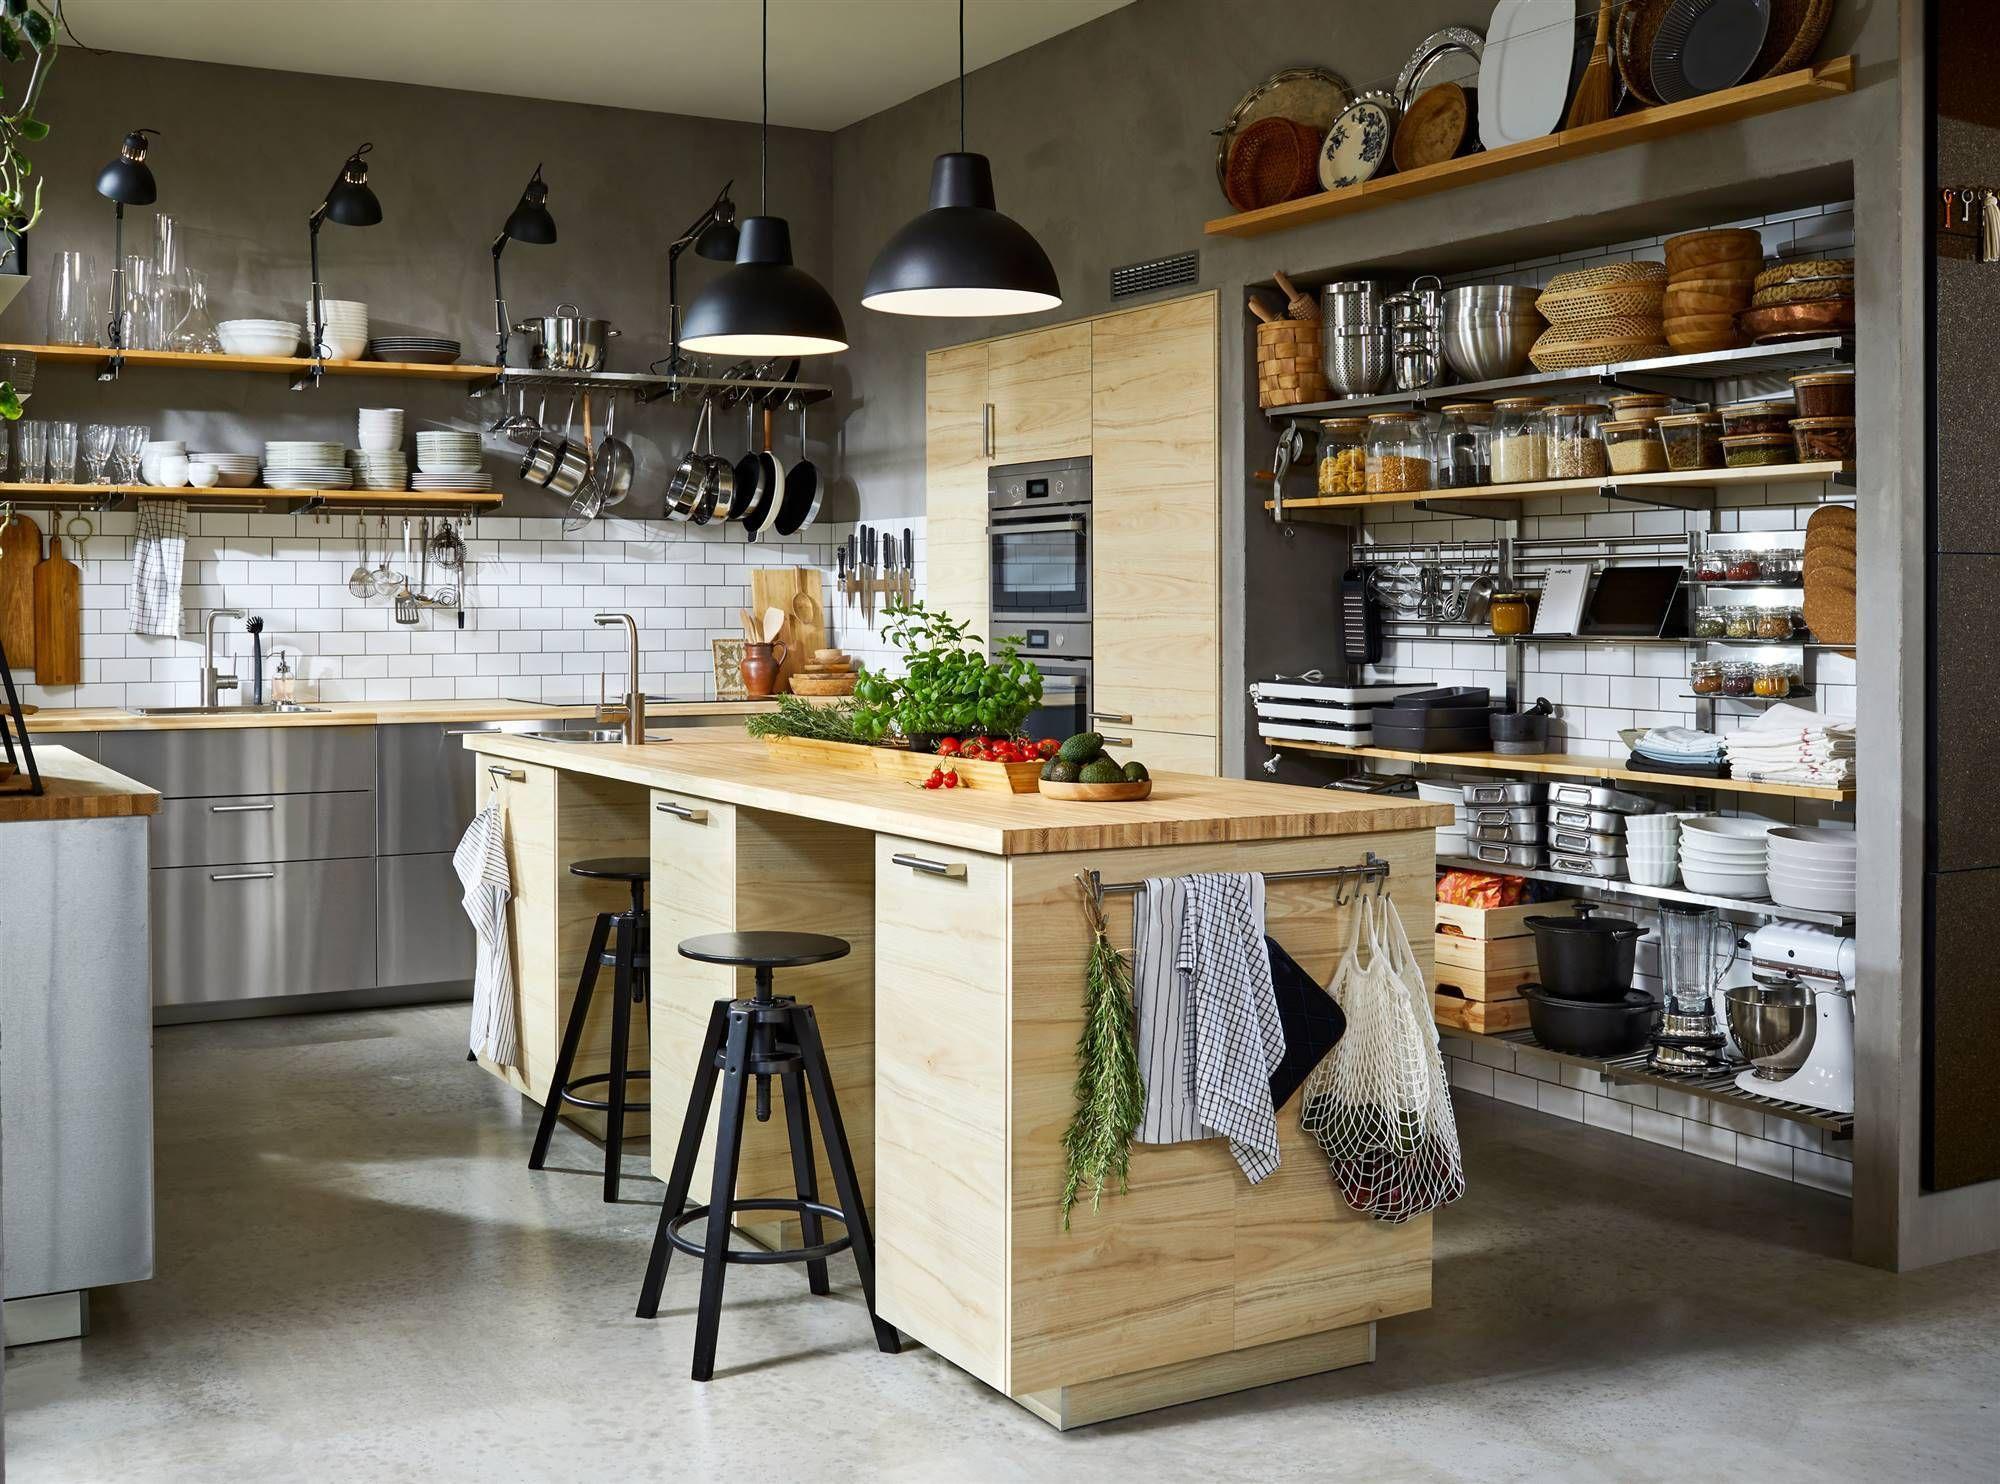 cocina estilo industrial ikea